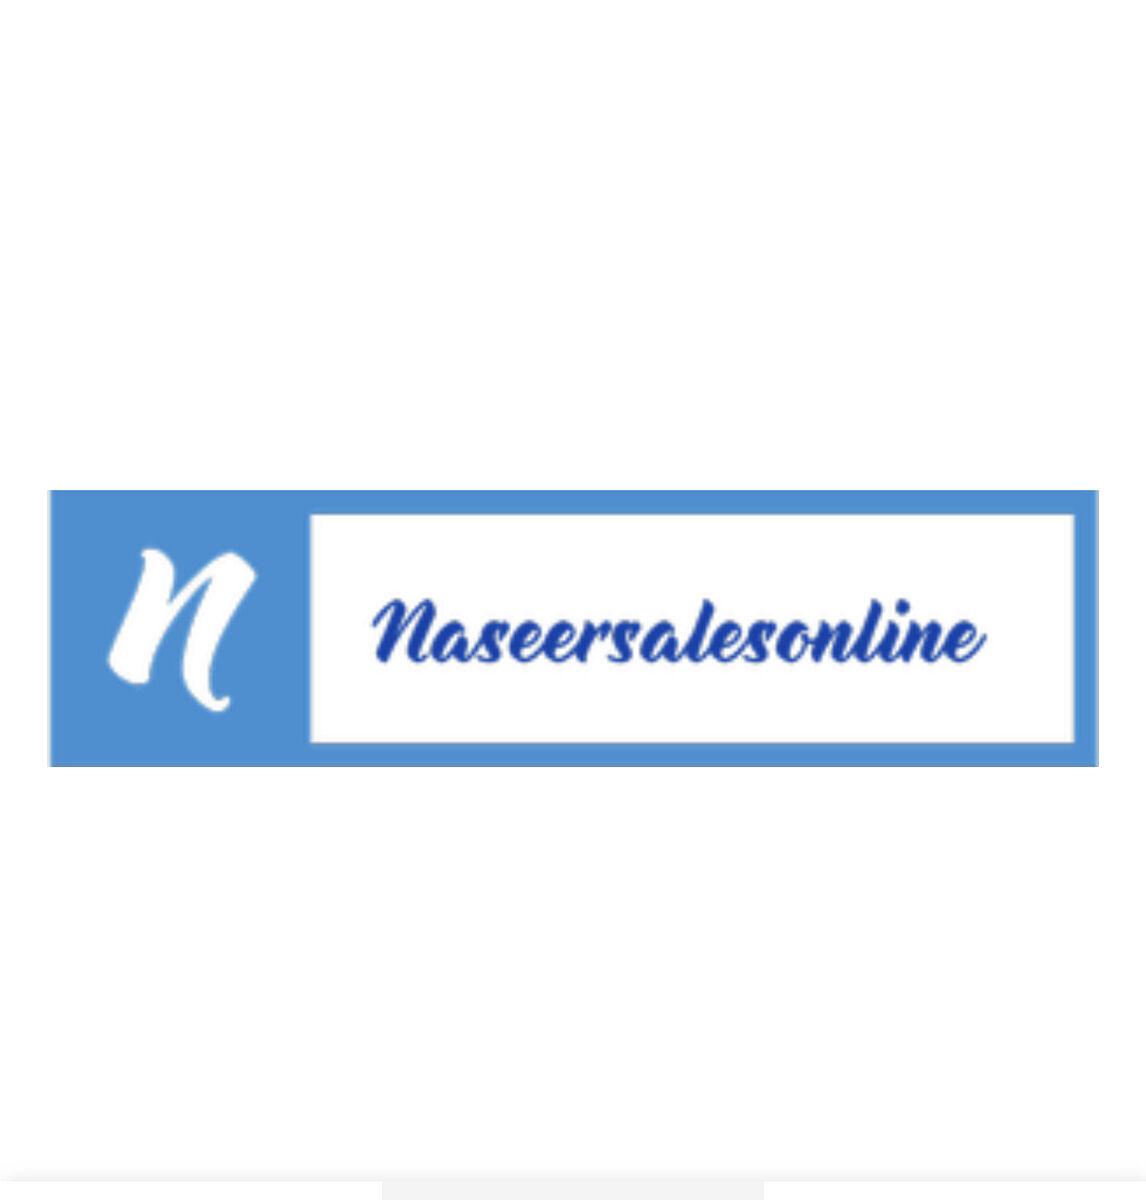 Naseersalesonline